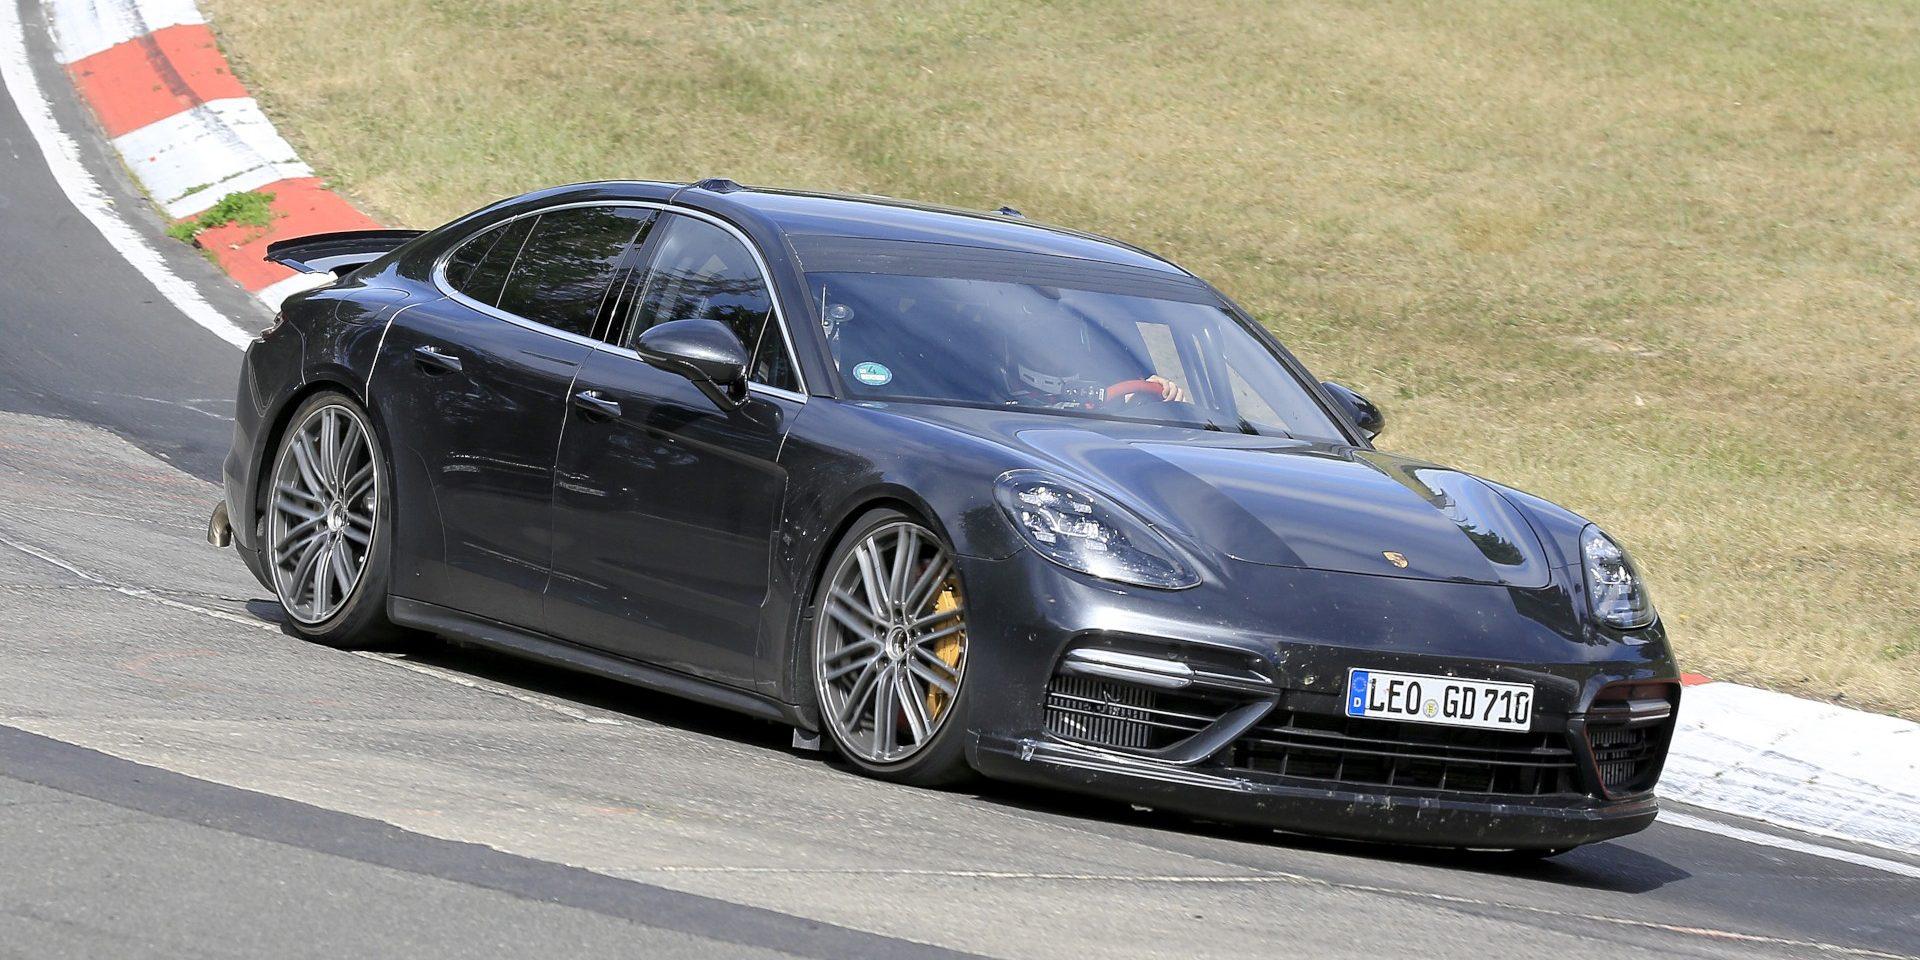 Estará a Porsche a ensaiar um Panamera com 820 CV?